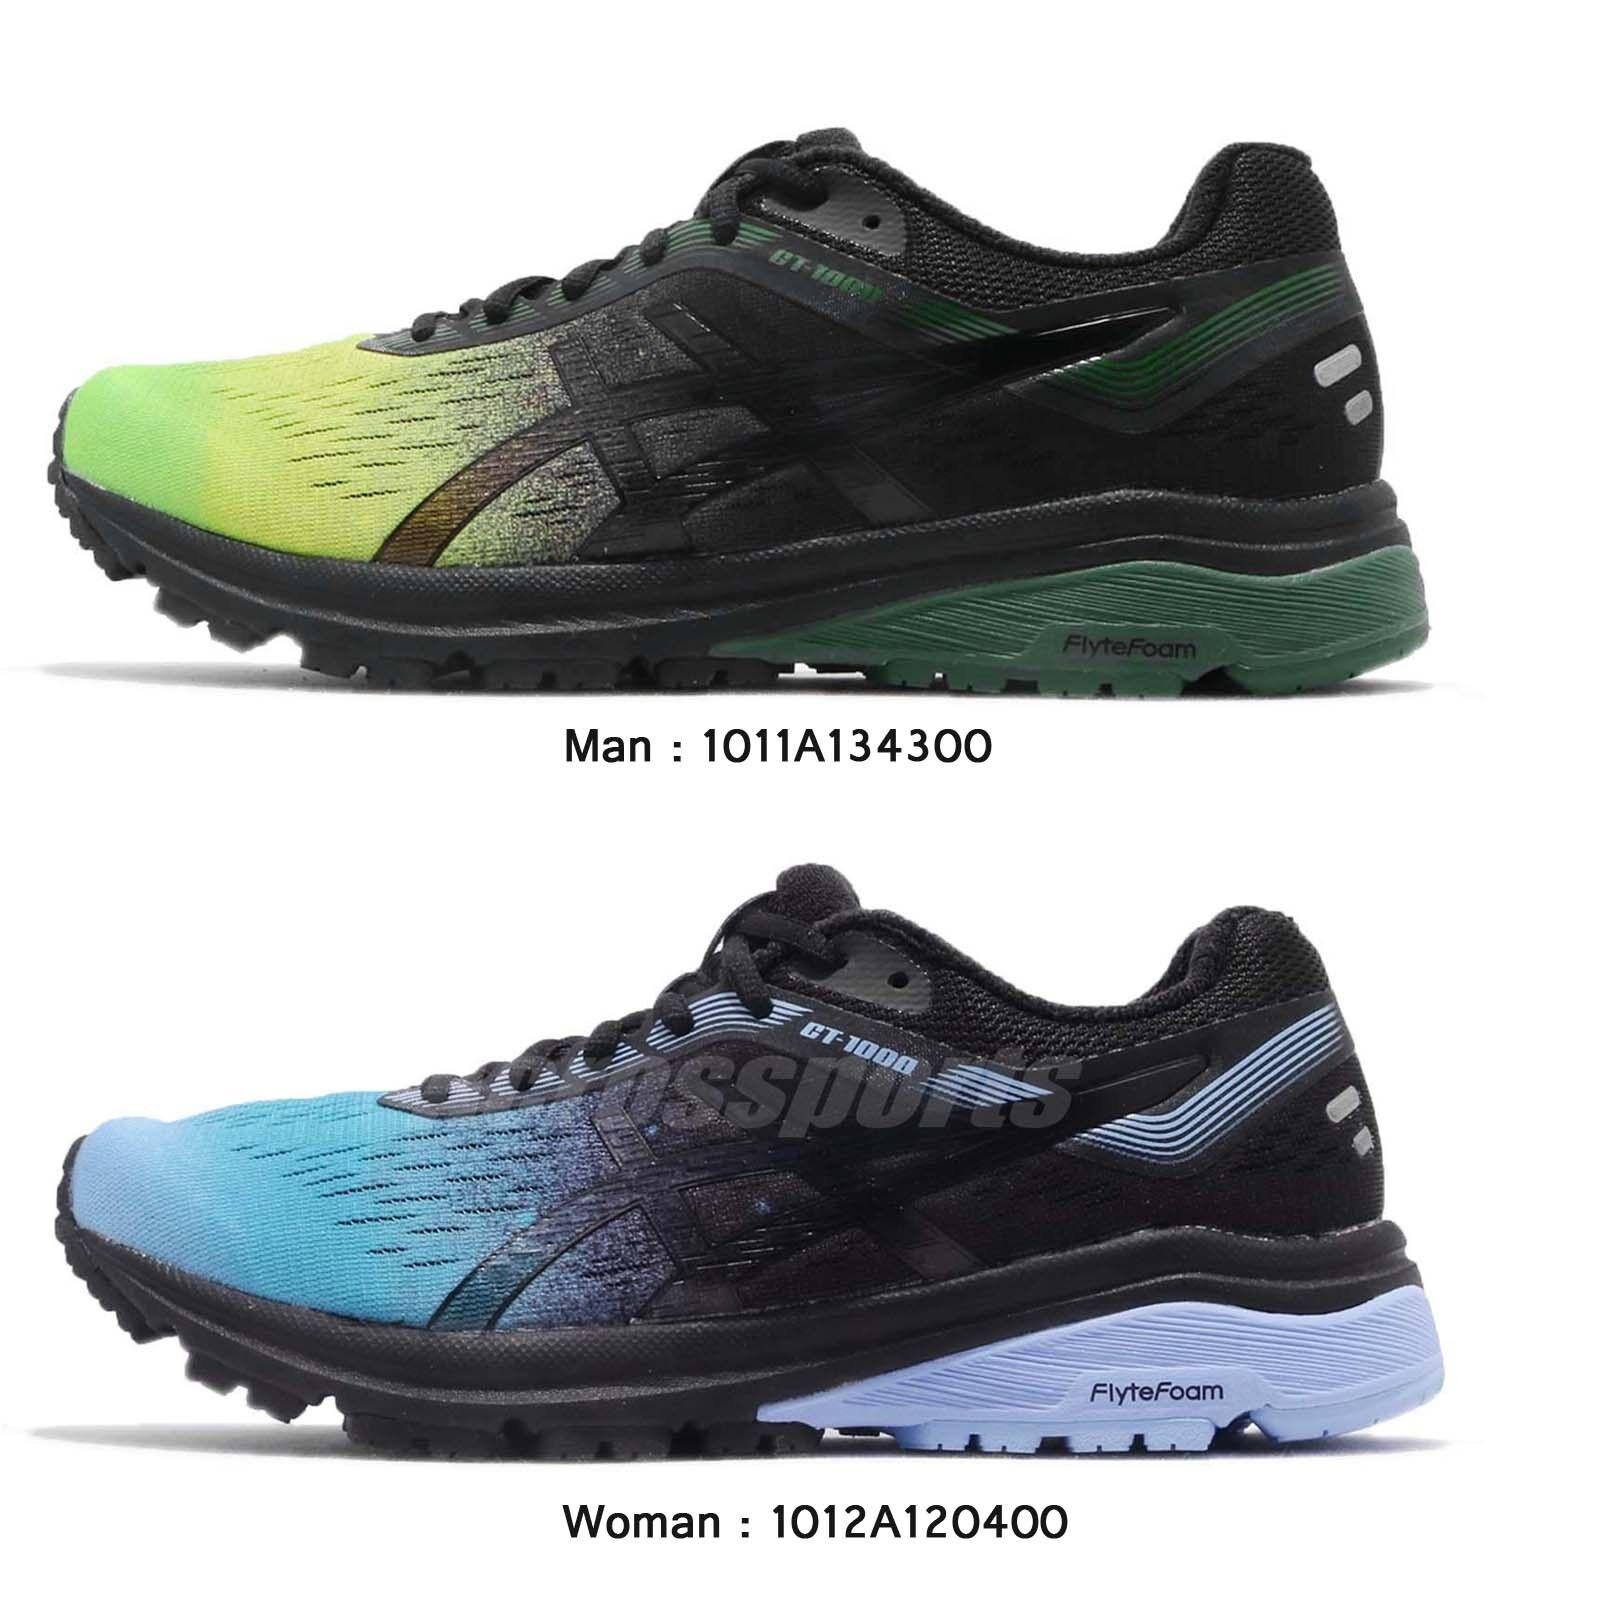 Asics GT-1000 7 SP Aurora Solar Shower Mens mujer Running zapatos Runner Pick 1